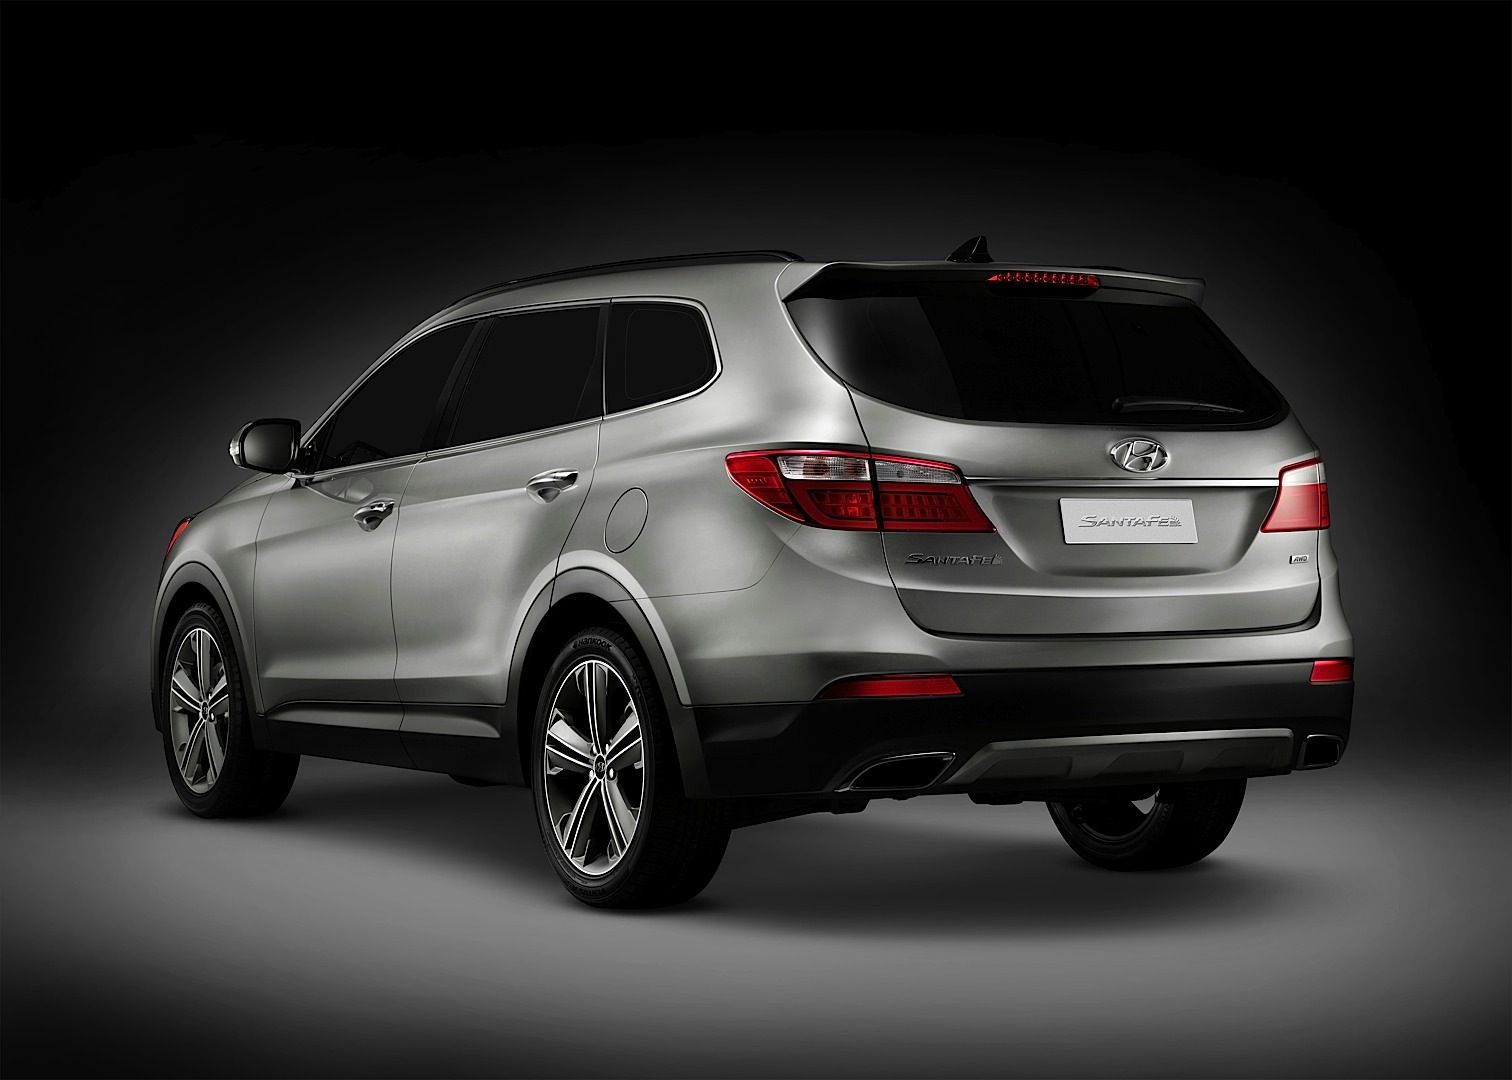 Hyundai Unveils LWB 2013 Hyundai Santa Fe: Photos and ...